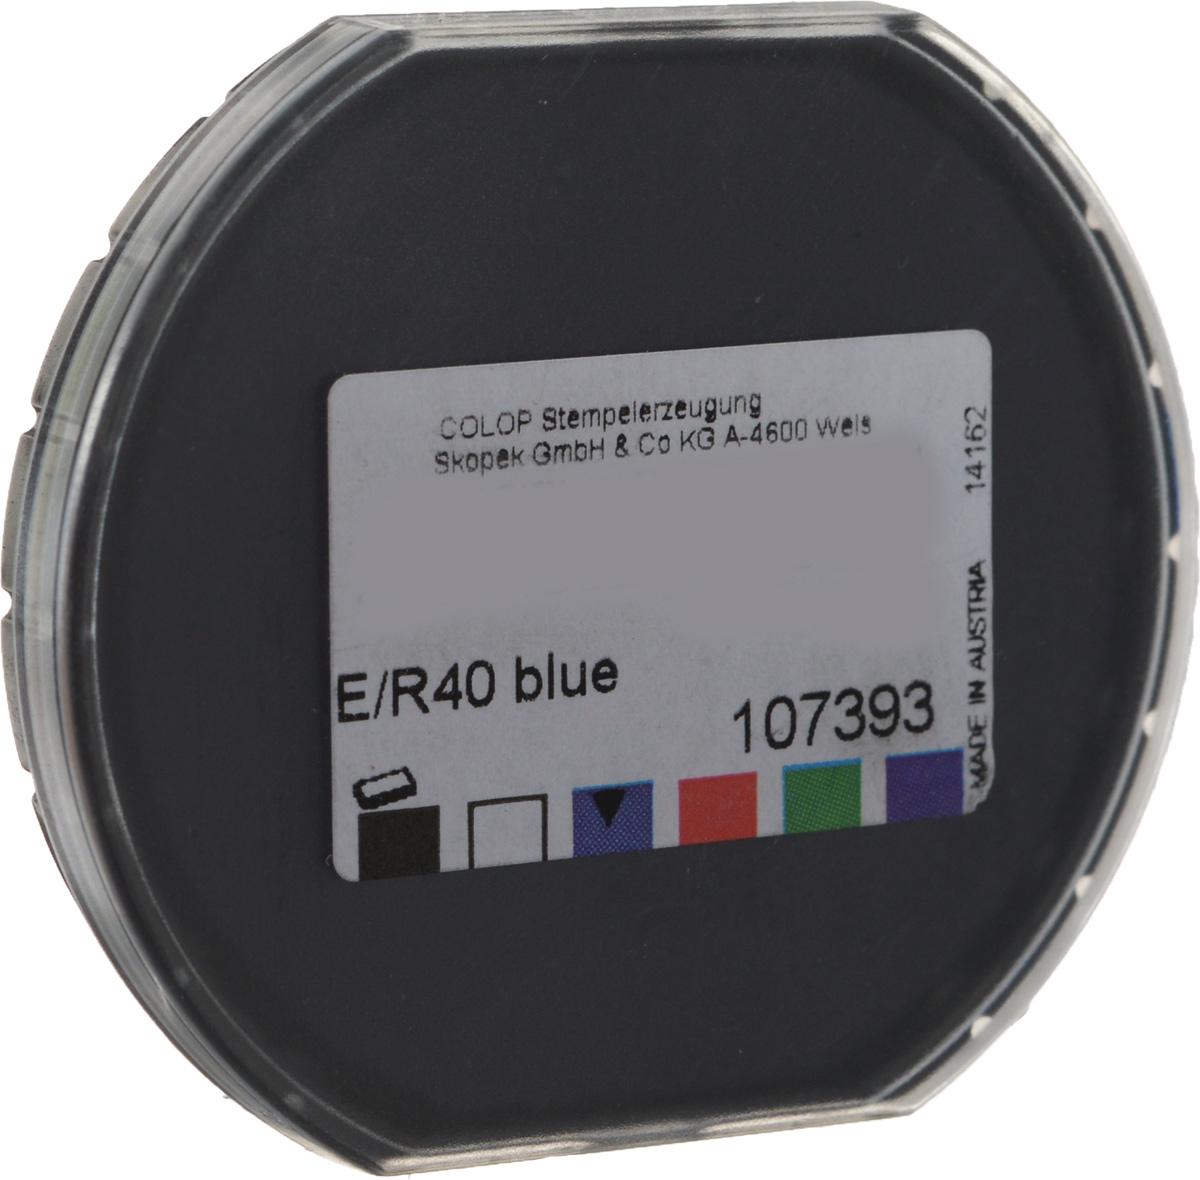 Colop Сменная штемпельная подушка E/R40 цвет синийFS-00897Сменная штемпельная подушка Colop E/R40 предназначена для продукции Colop. Произведена в Австрии с учетом требований российских и международных стандартов. Замена штемпельной подушки необходима при каждом изменении текста в штампе. Заправка штемпельной краской не рекомендуется. Гарантирует не менее 10 000 четких оттисков. Подходит для кода С28178, С36735, С10877, С11718, С20345, С20346, цвет краски - синий.